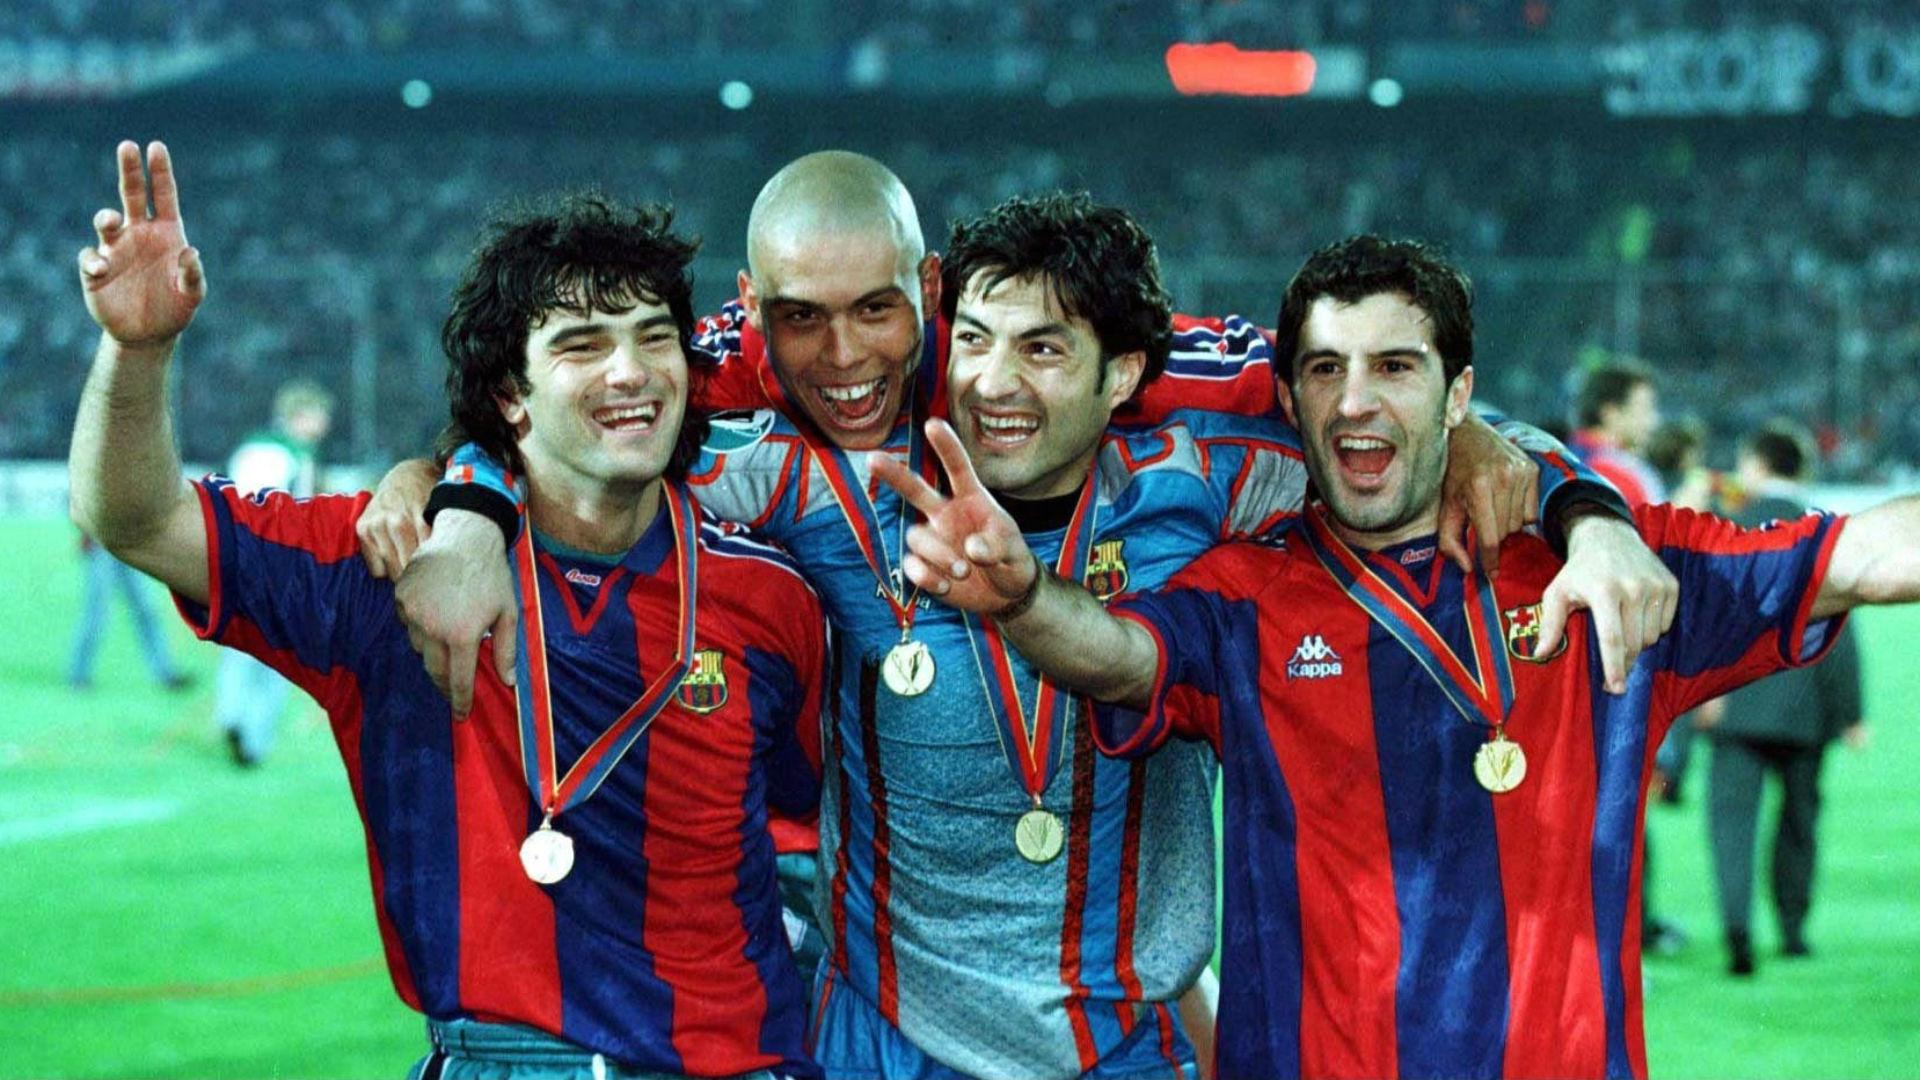 fernando couto ronaldo nazario vitor baia luis figo - barcelona cup winners cup - 1997